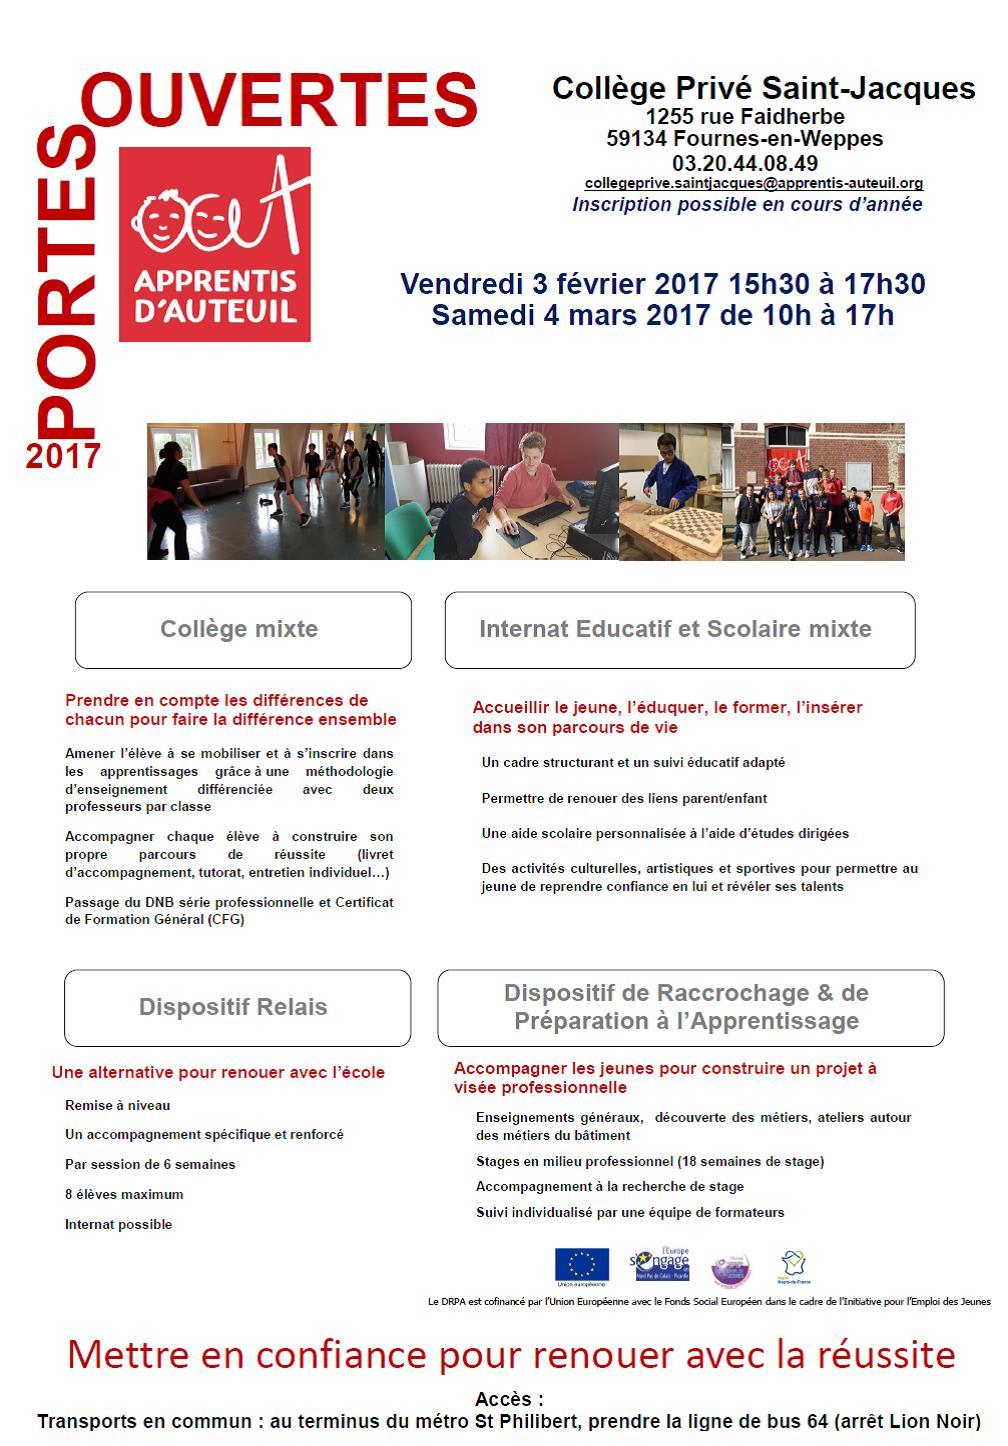 affiche-1portes-ouvertes-03-02-17-pdf